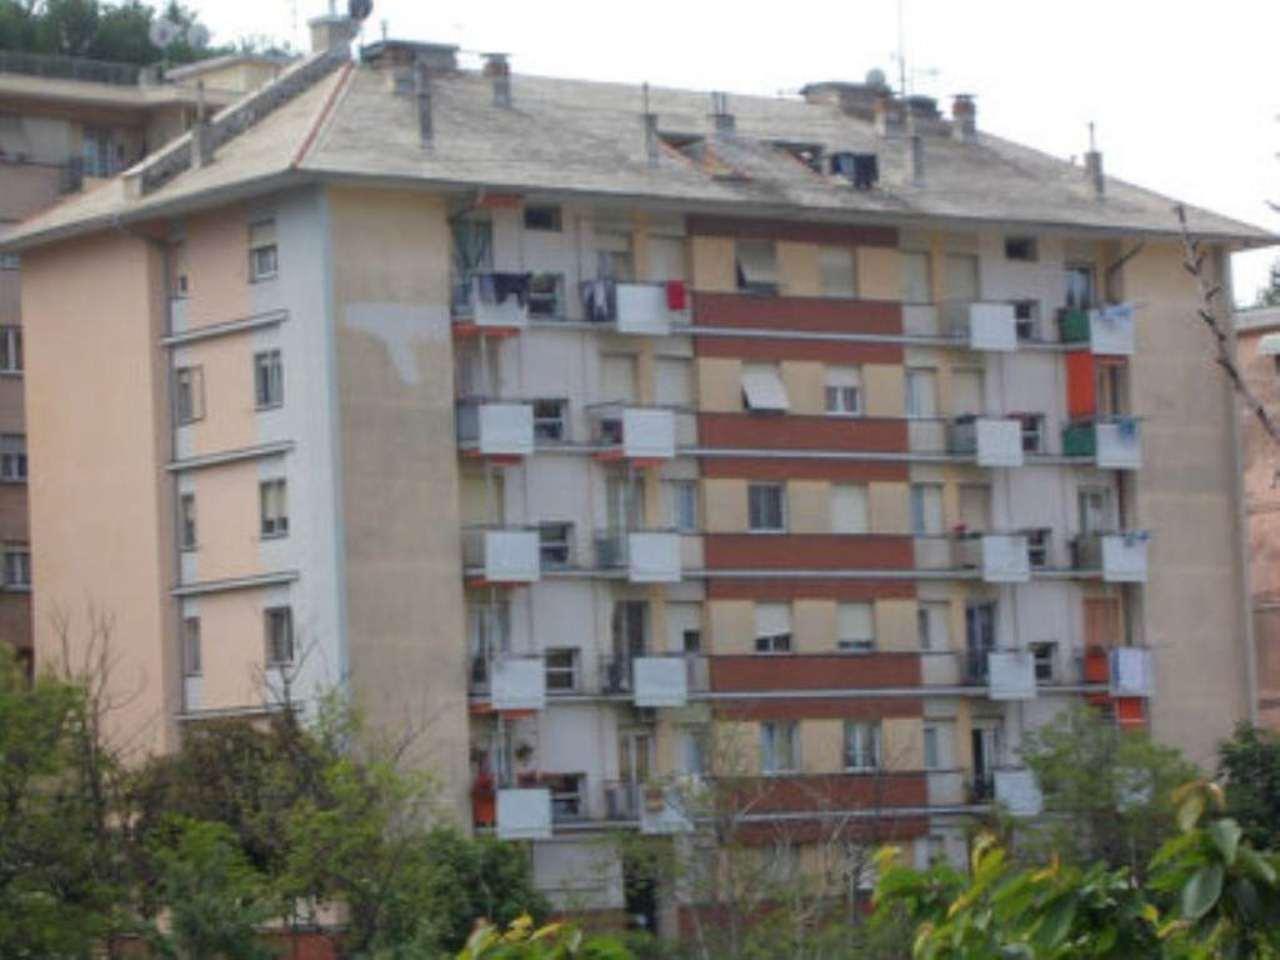 Bilocale Genova Via Bonacchi 1